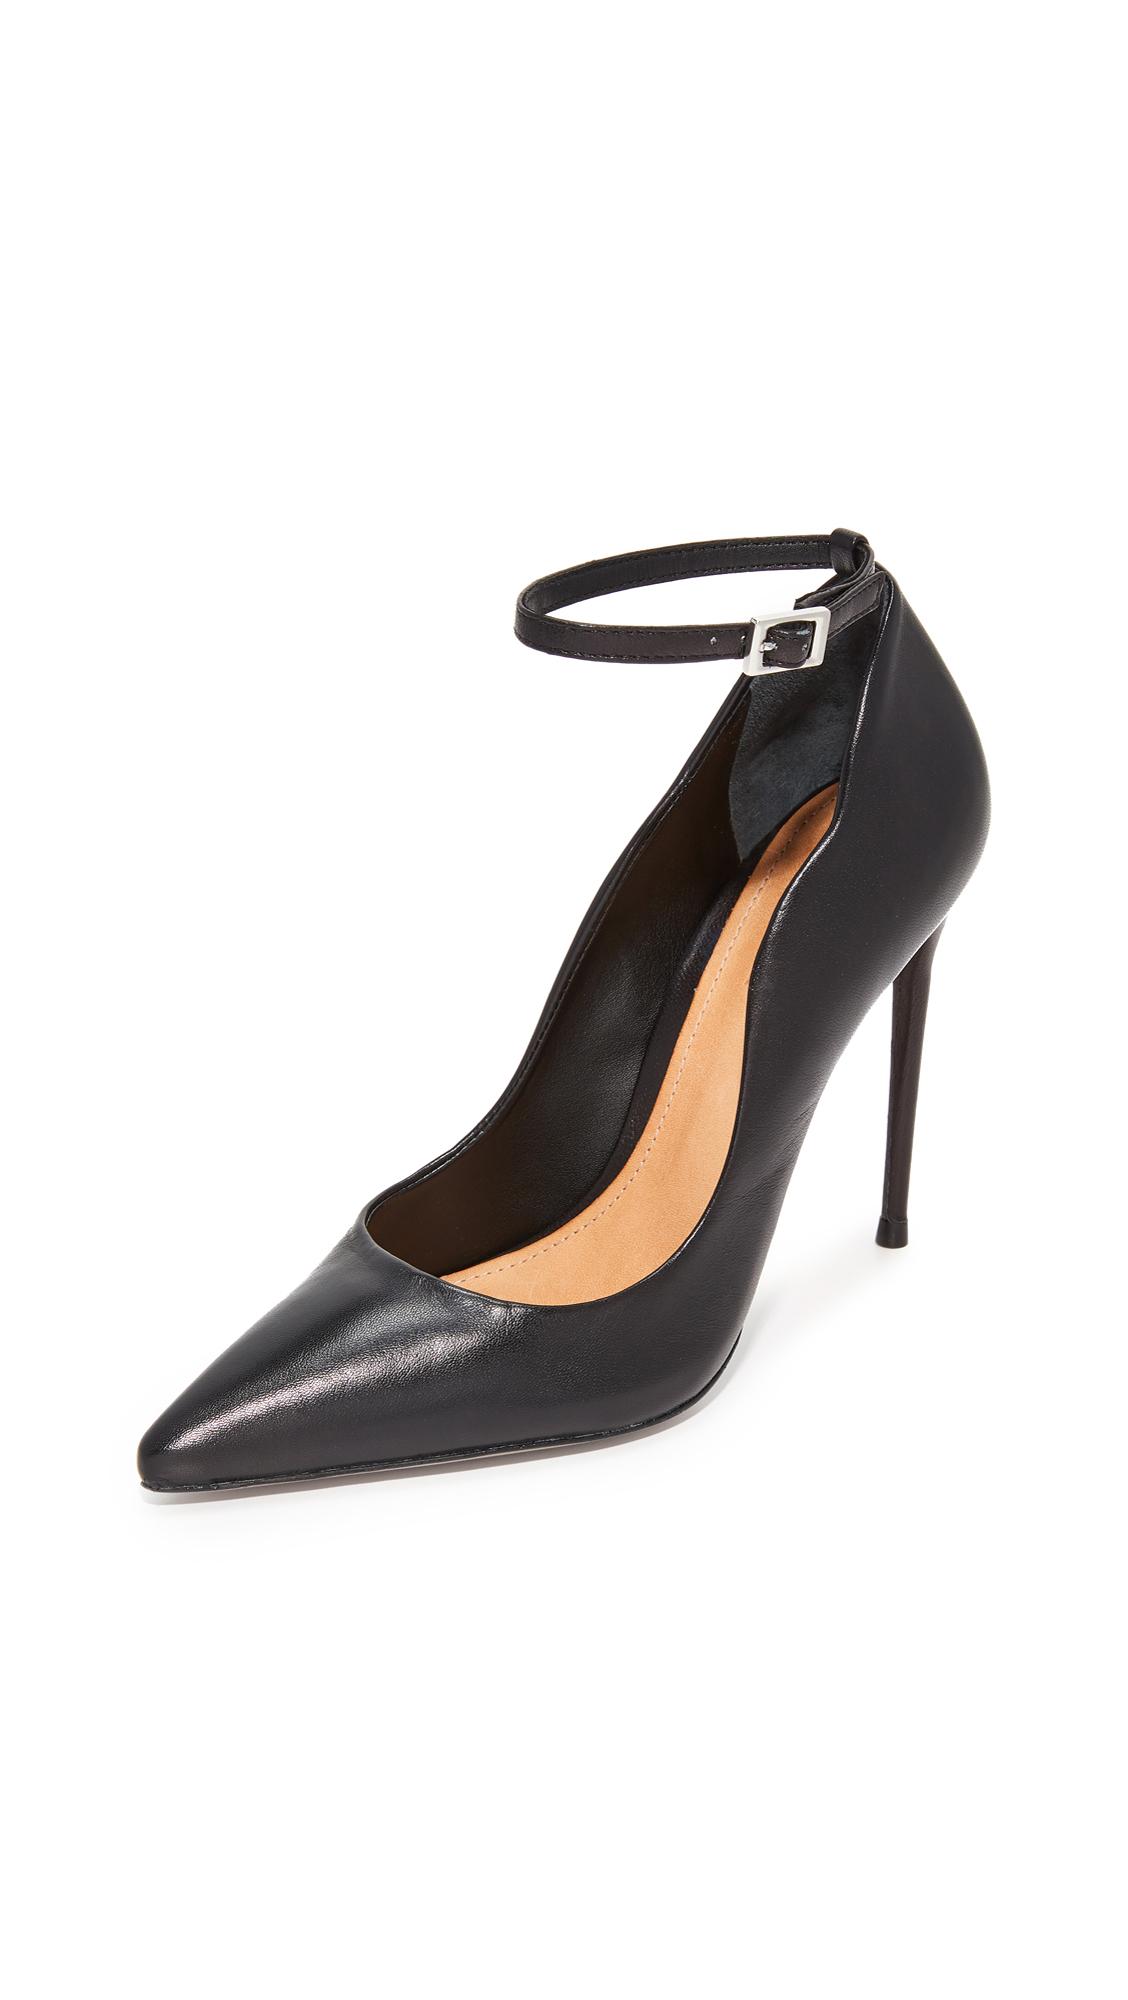 Schutz Thaynara Ankle Strap Pointed Heels - Black